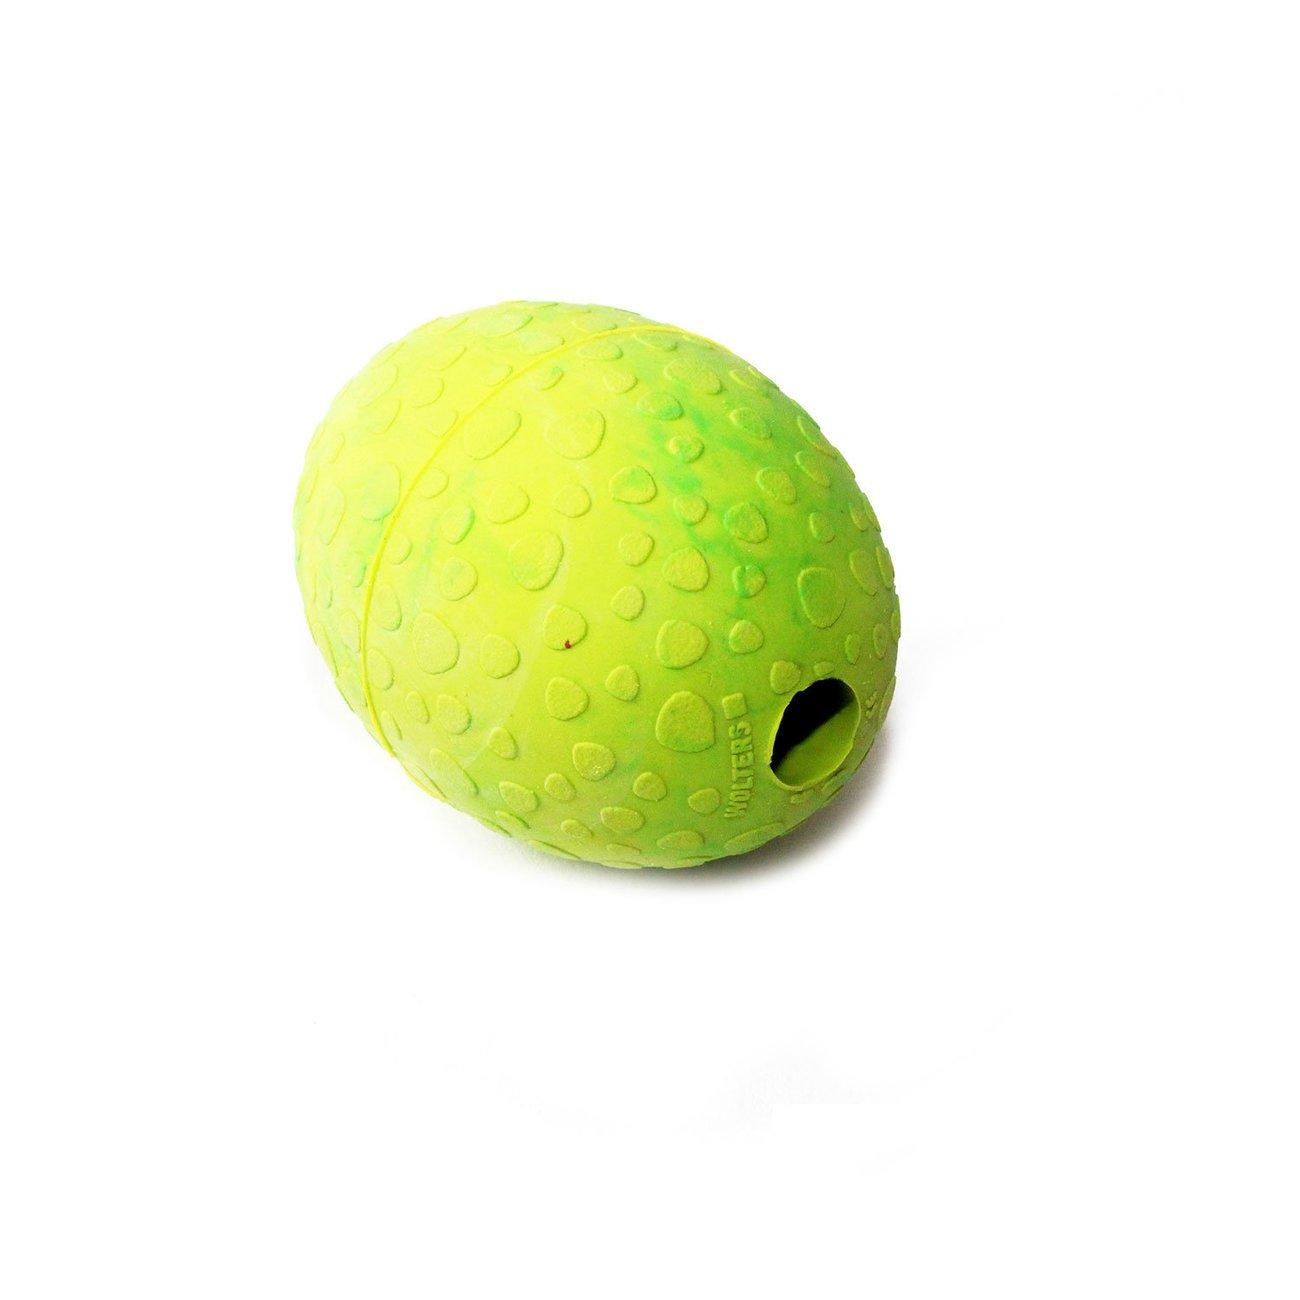 Wolters Straußenei Hundespielzeug, Bild 10